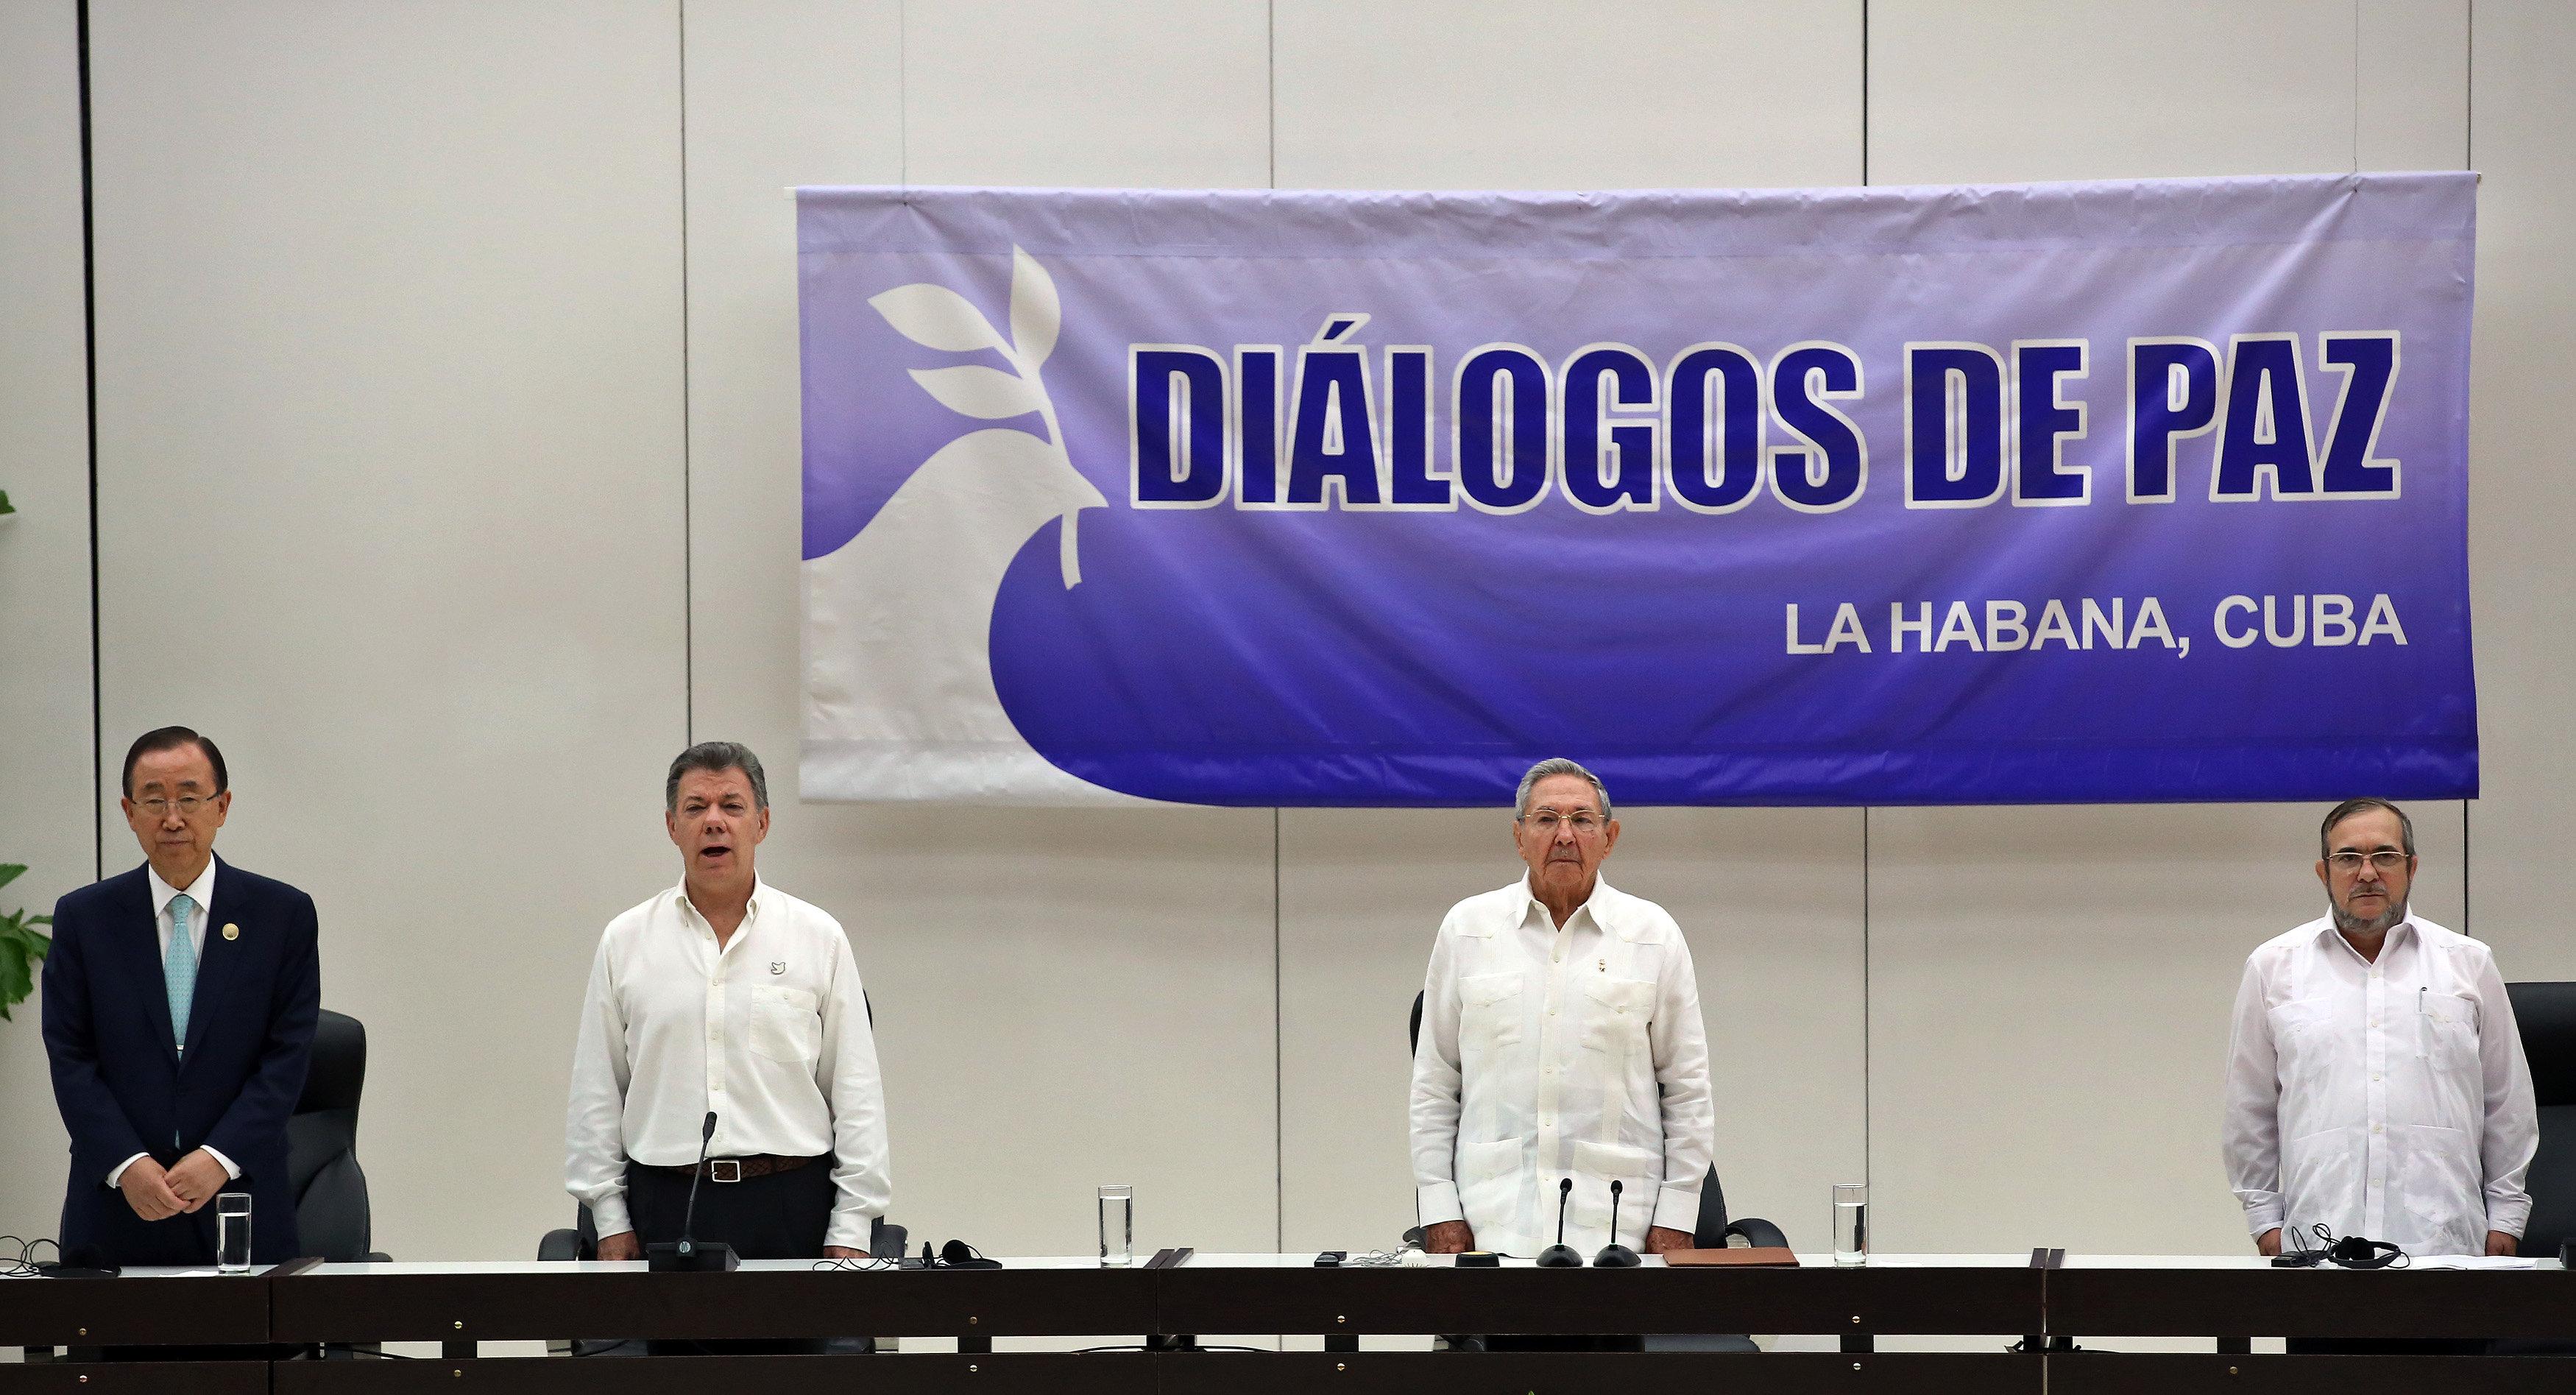 """De izquierda a derecha, el secretario general de las Naciones Unidas, Ban Ki-moon; el presidente de Colombia, Juan Manuel Santos; el presidente de Cuba, Raúl Castro y el delegado de las FARC en Cuba, Rodrigo Londoño Echeverri, alias """"Timochenko"""", participan de la ceremonia en La Habana (Cuba) hoy, jueves 23 de junio de 2016, del acuerdo para el cese al fuego en Colombia. El acto para oficializar el acuerdo de cese al fuego bilateral y definitivo en Colombia comenzó hoy en La Habana, encabezado por el presidente Juan Manuel Santos y por Timochenko, máximo líder de las FARC, y con la asistencia de seis presidentes de la región y el secretario general de la ONU. EFE/ALEJANDRO ERNESTO"""